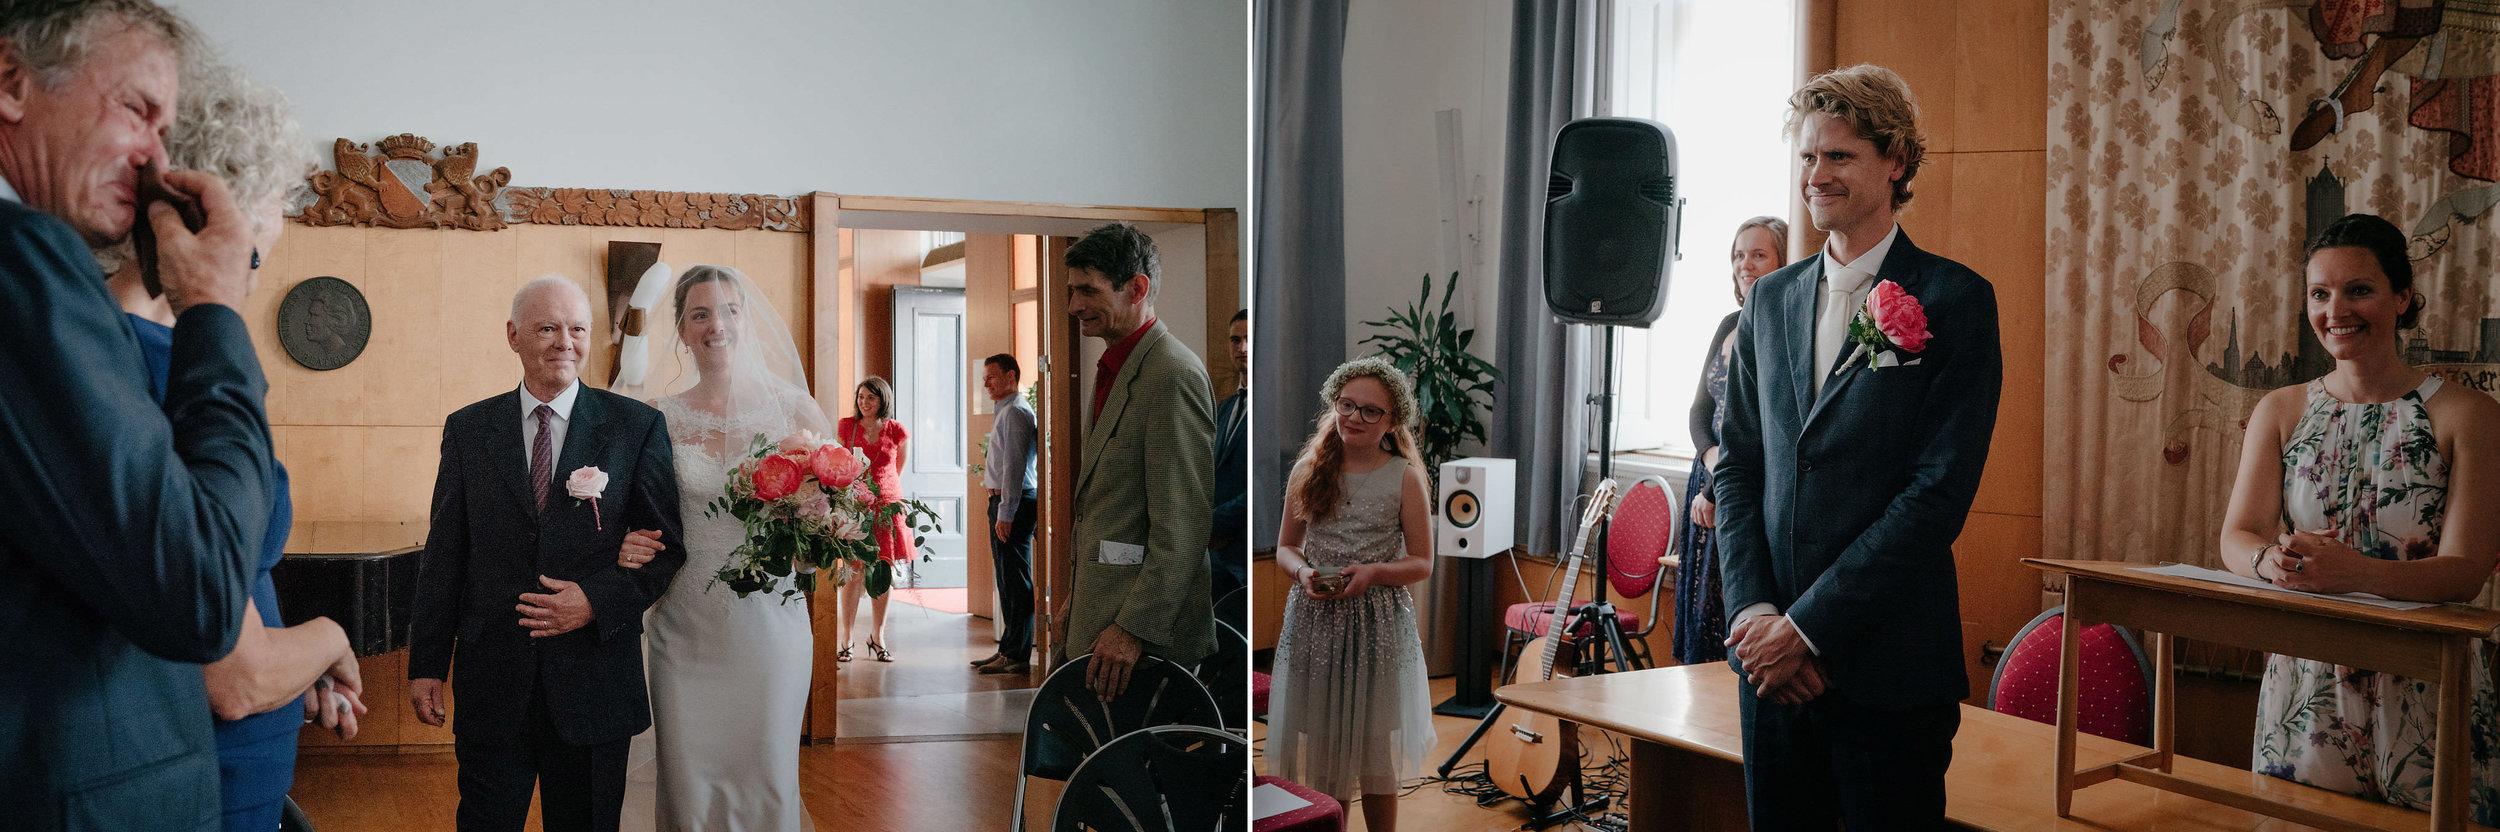 bruidsfotografie-trouwfotograaf-amsterdam-utrecht-mark-hadden-Koen-Laura-181 copy.jpg